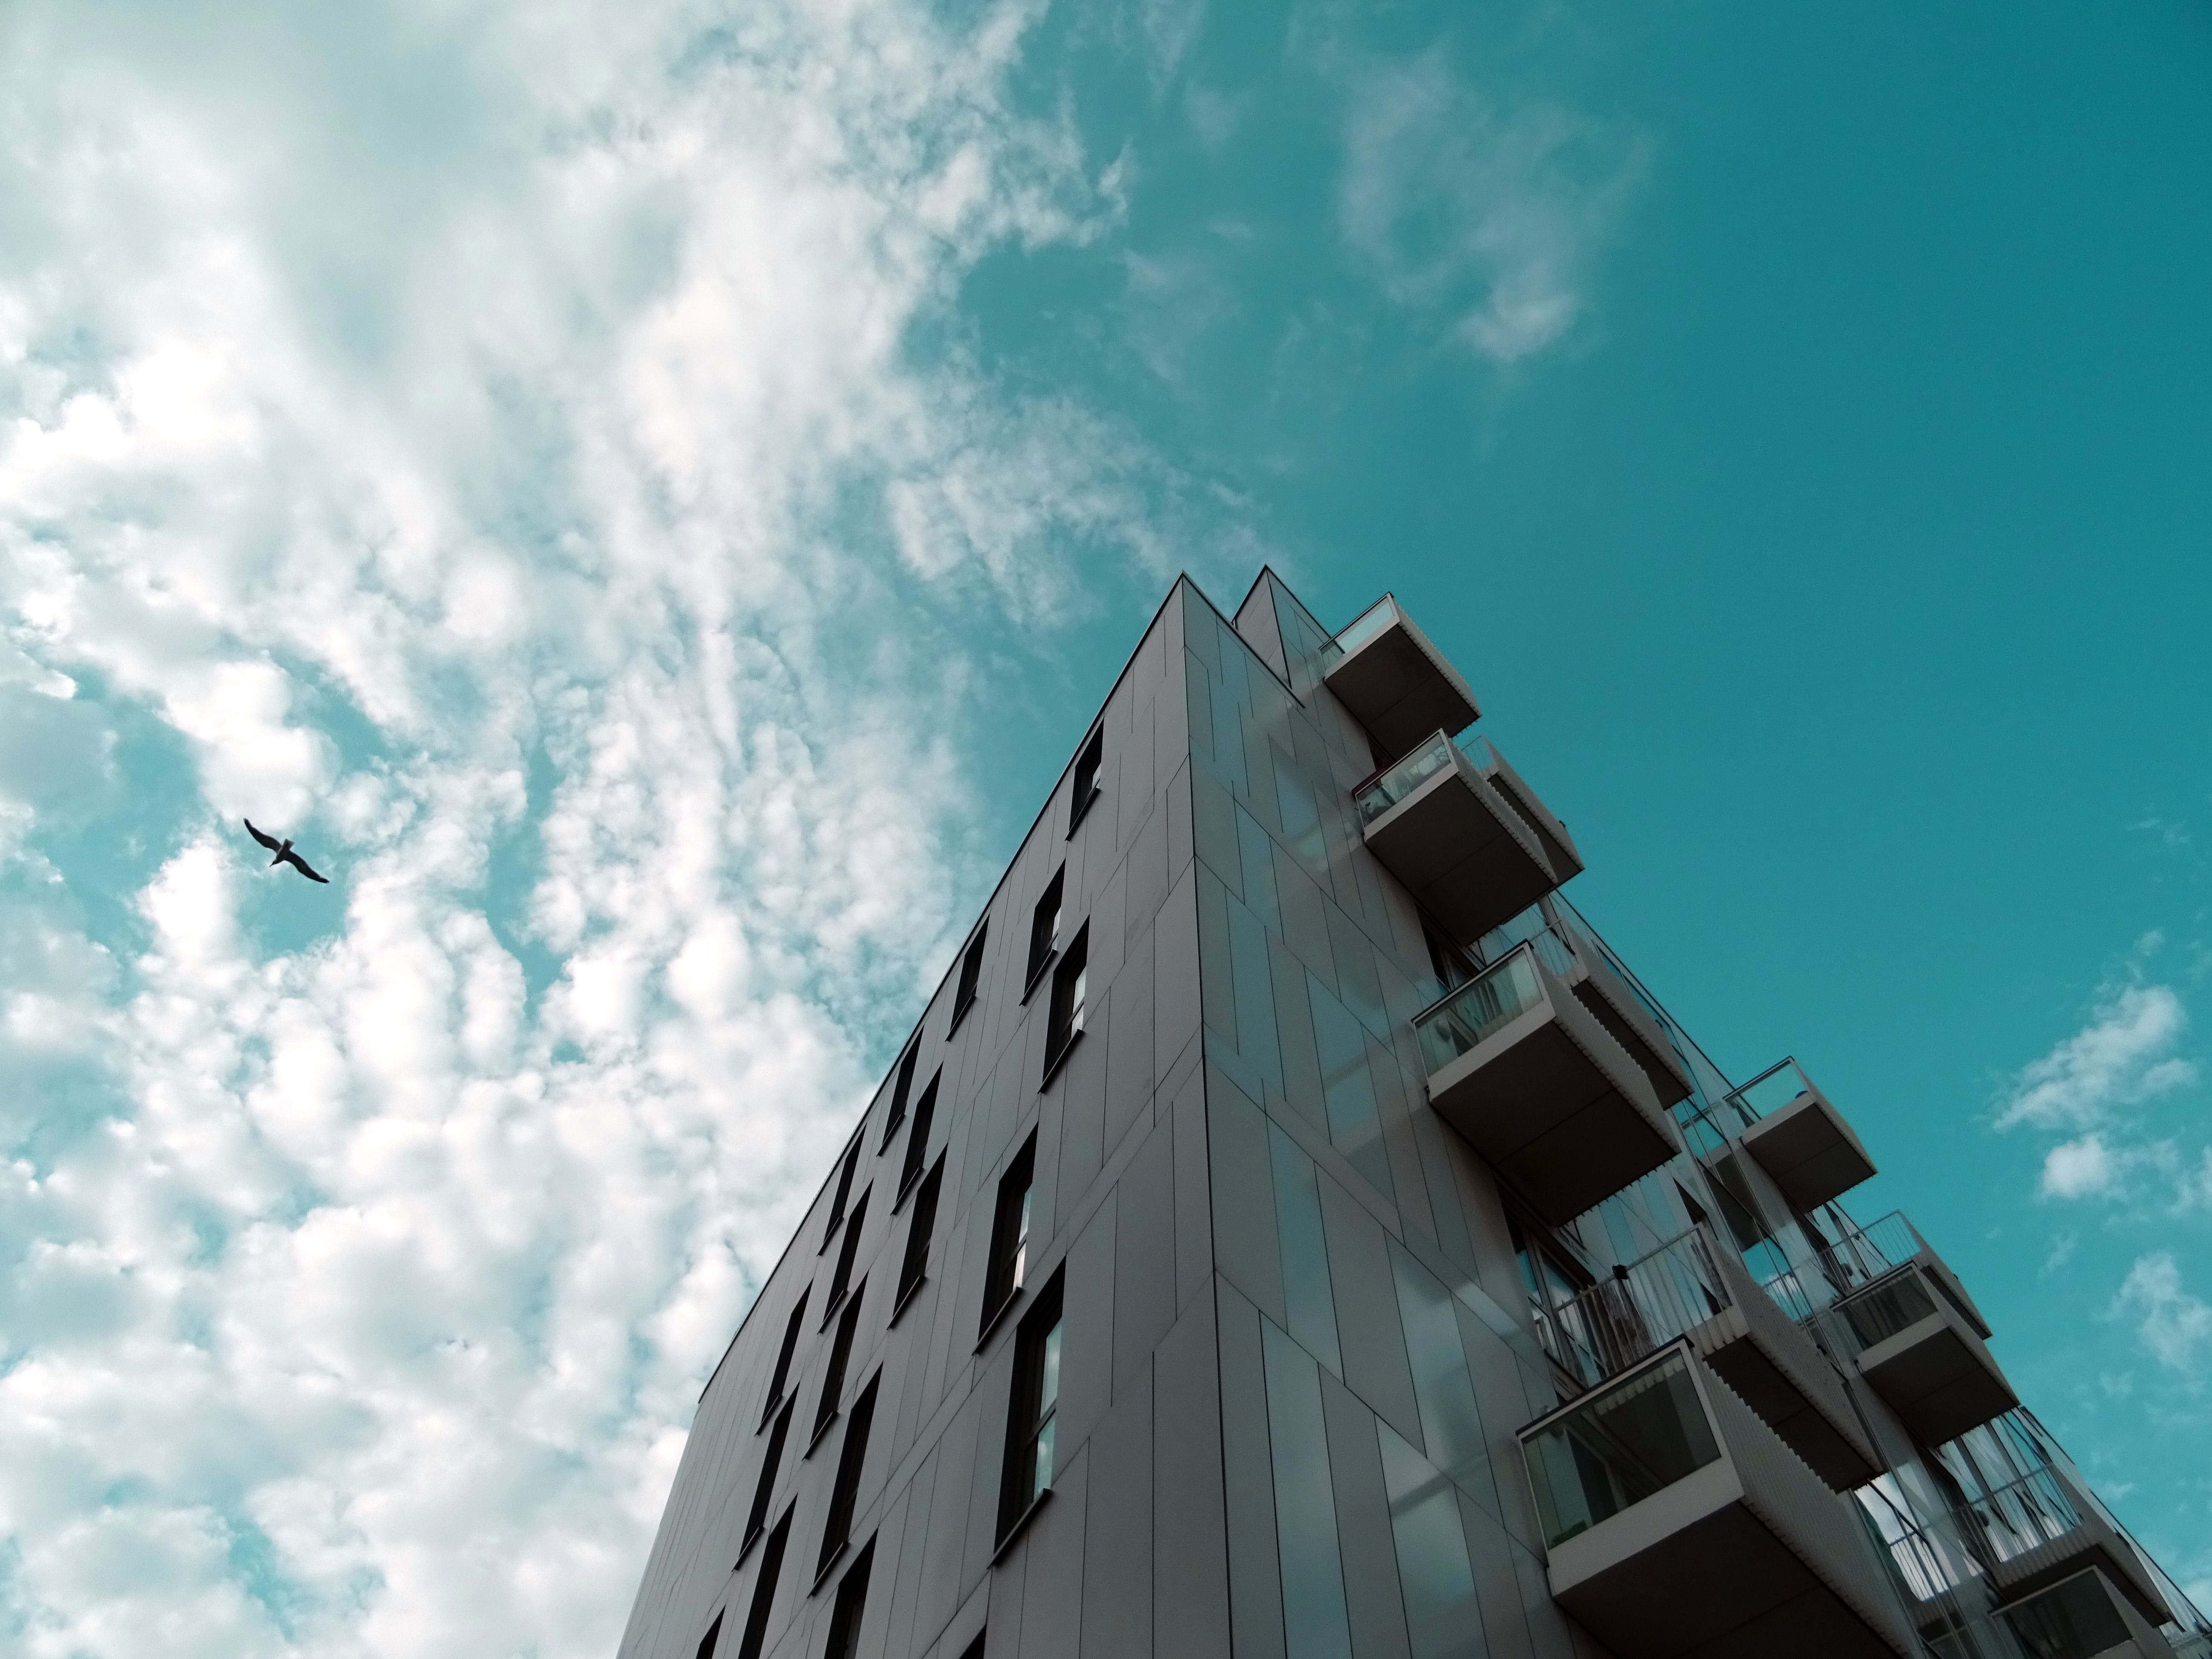 バルコニー, ローアングルショット, 建築, 見通しの無料の写真素材